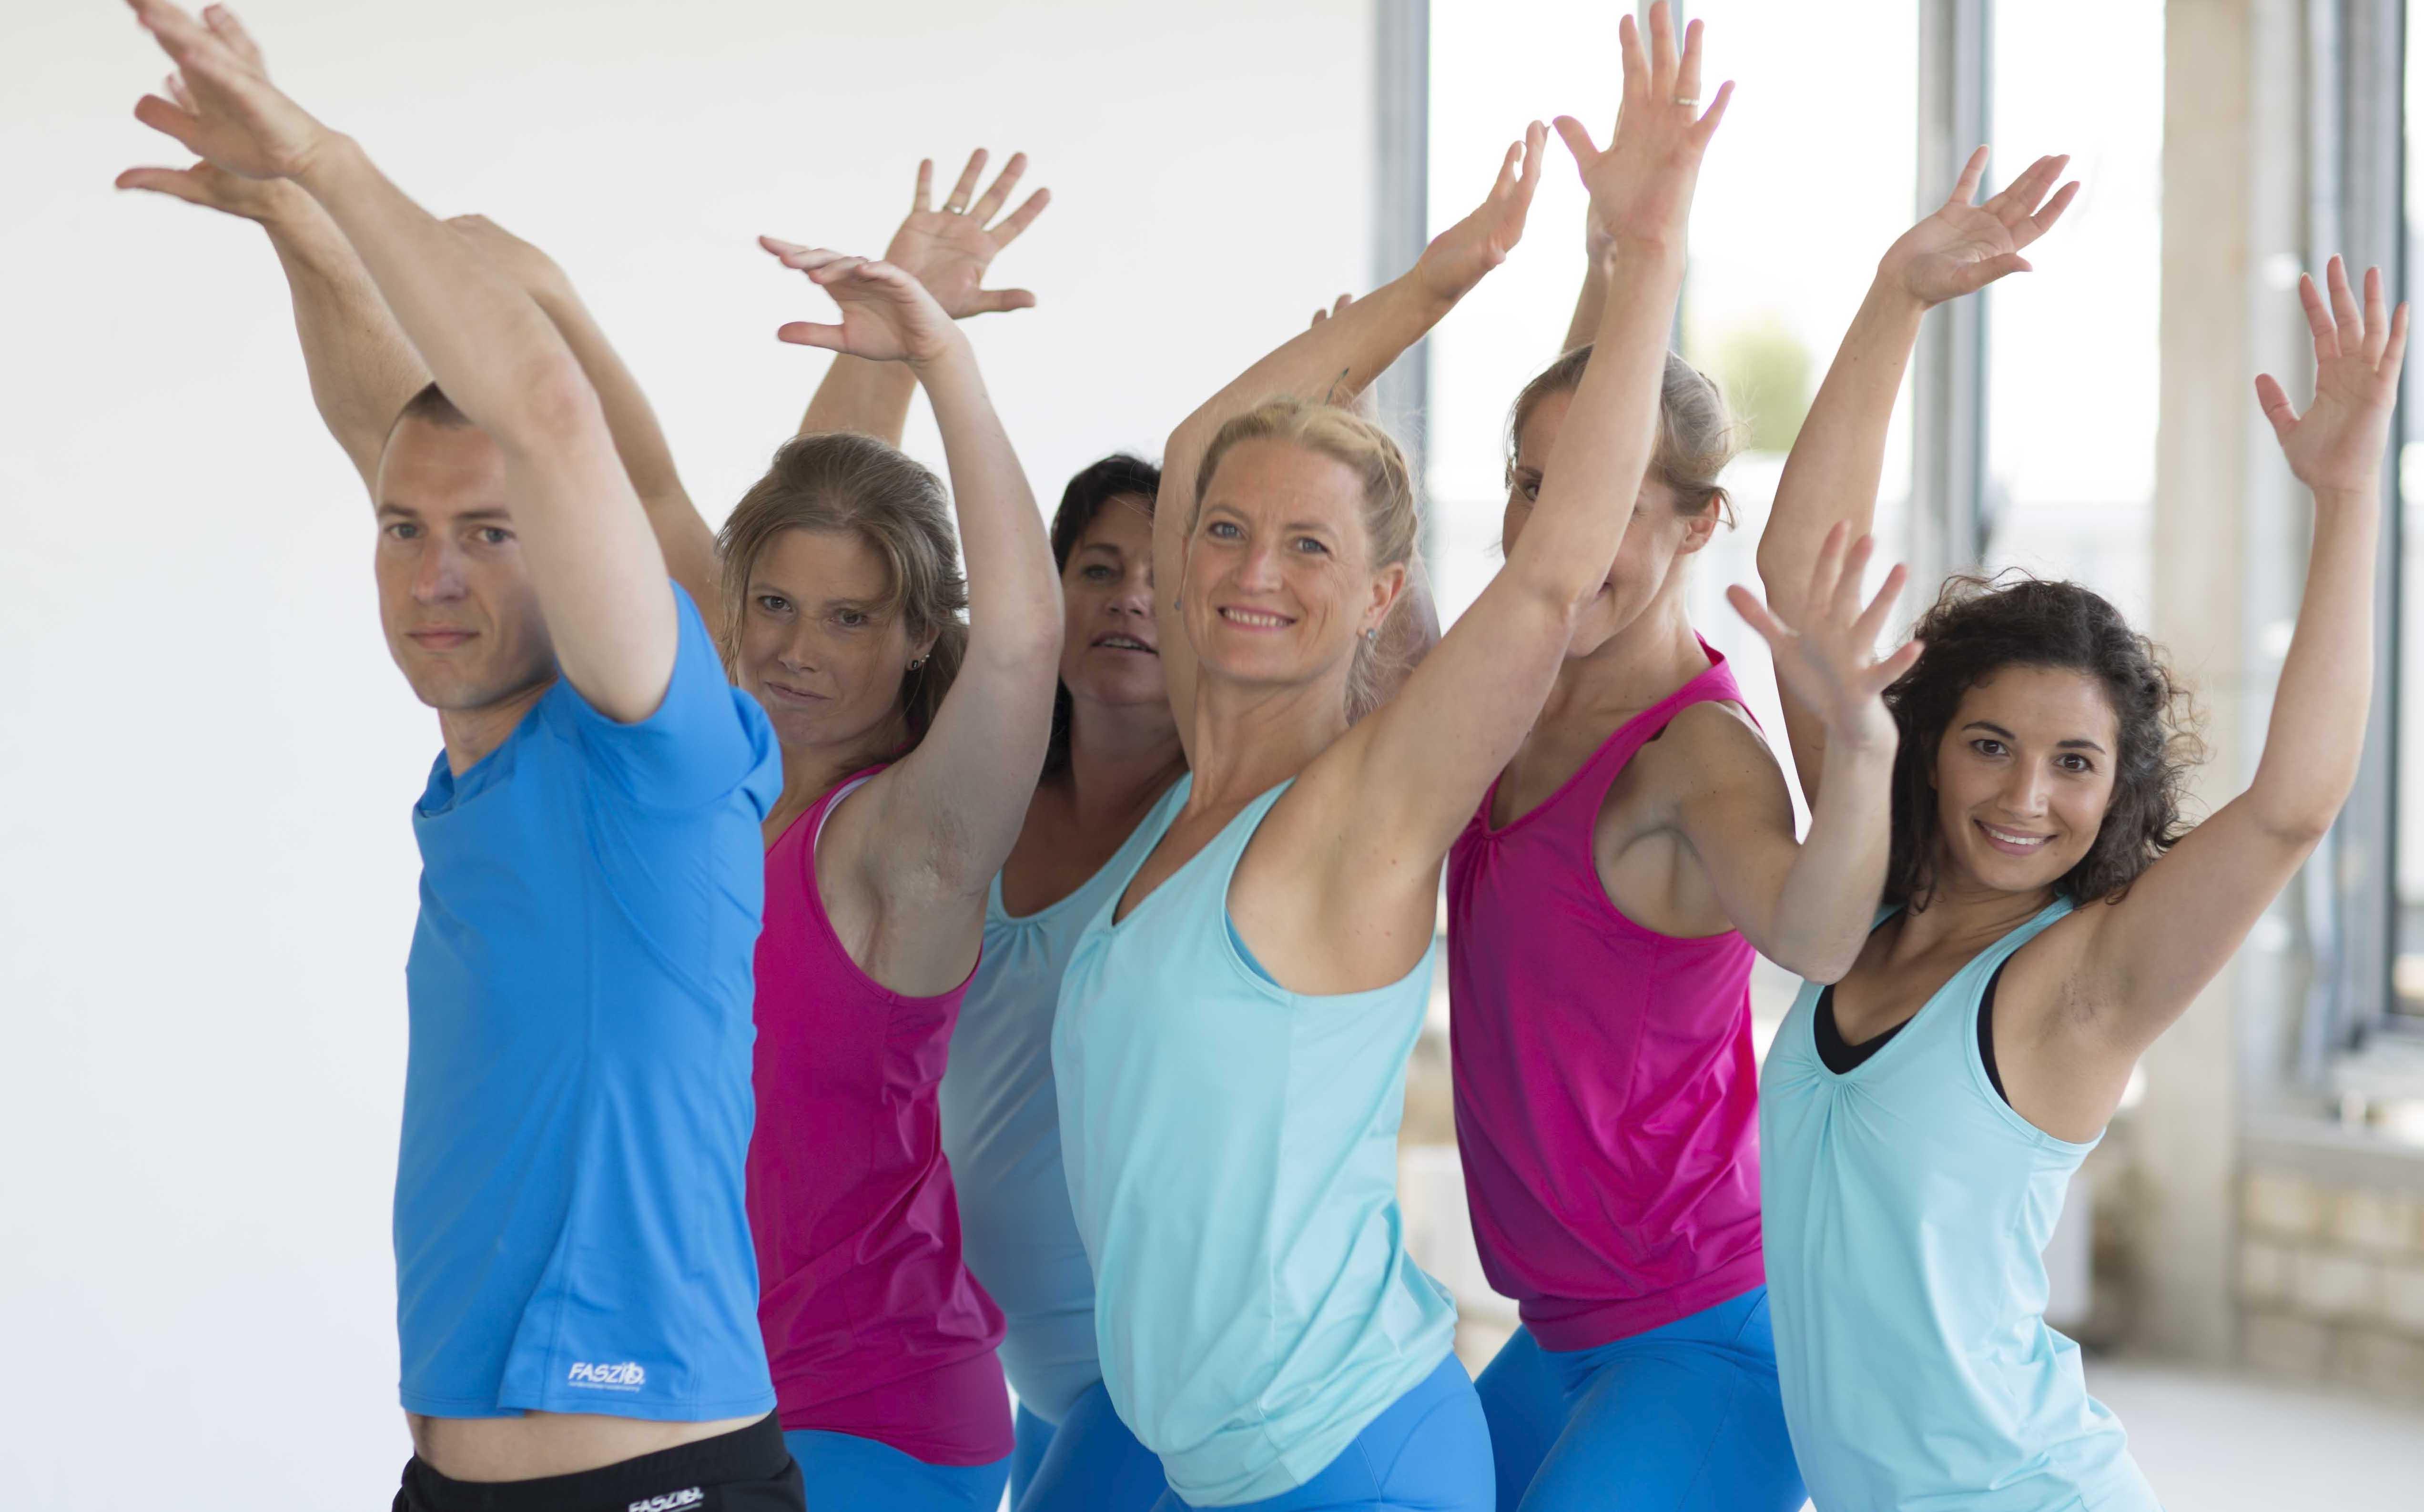 Gruppe an Menschen, die ihre Hände in die Höhe heben und im YogaDancing tanzen